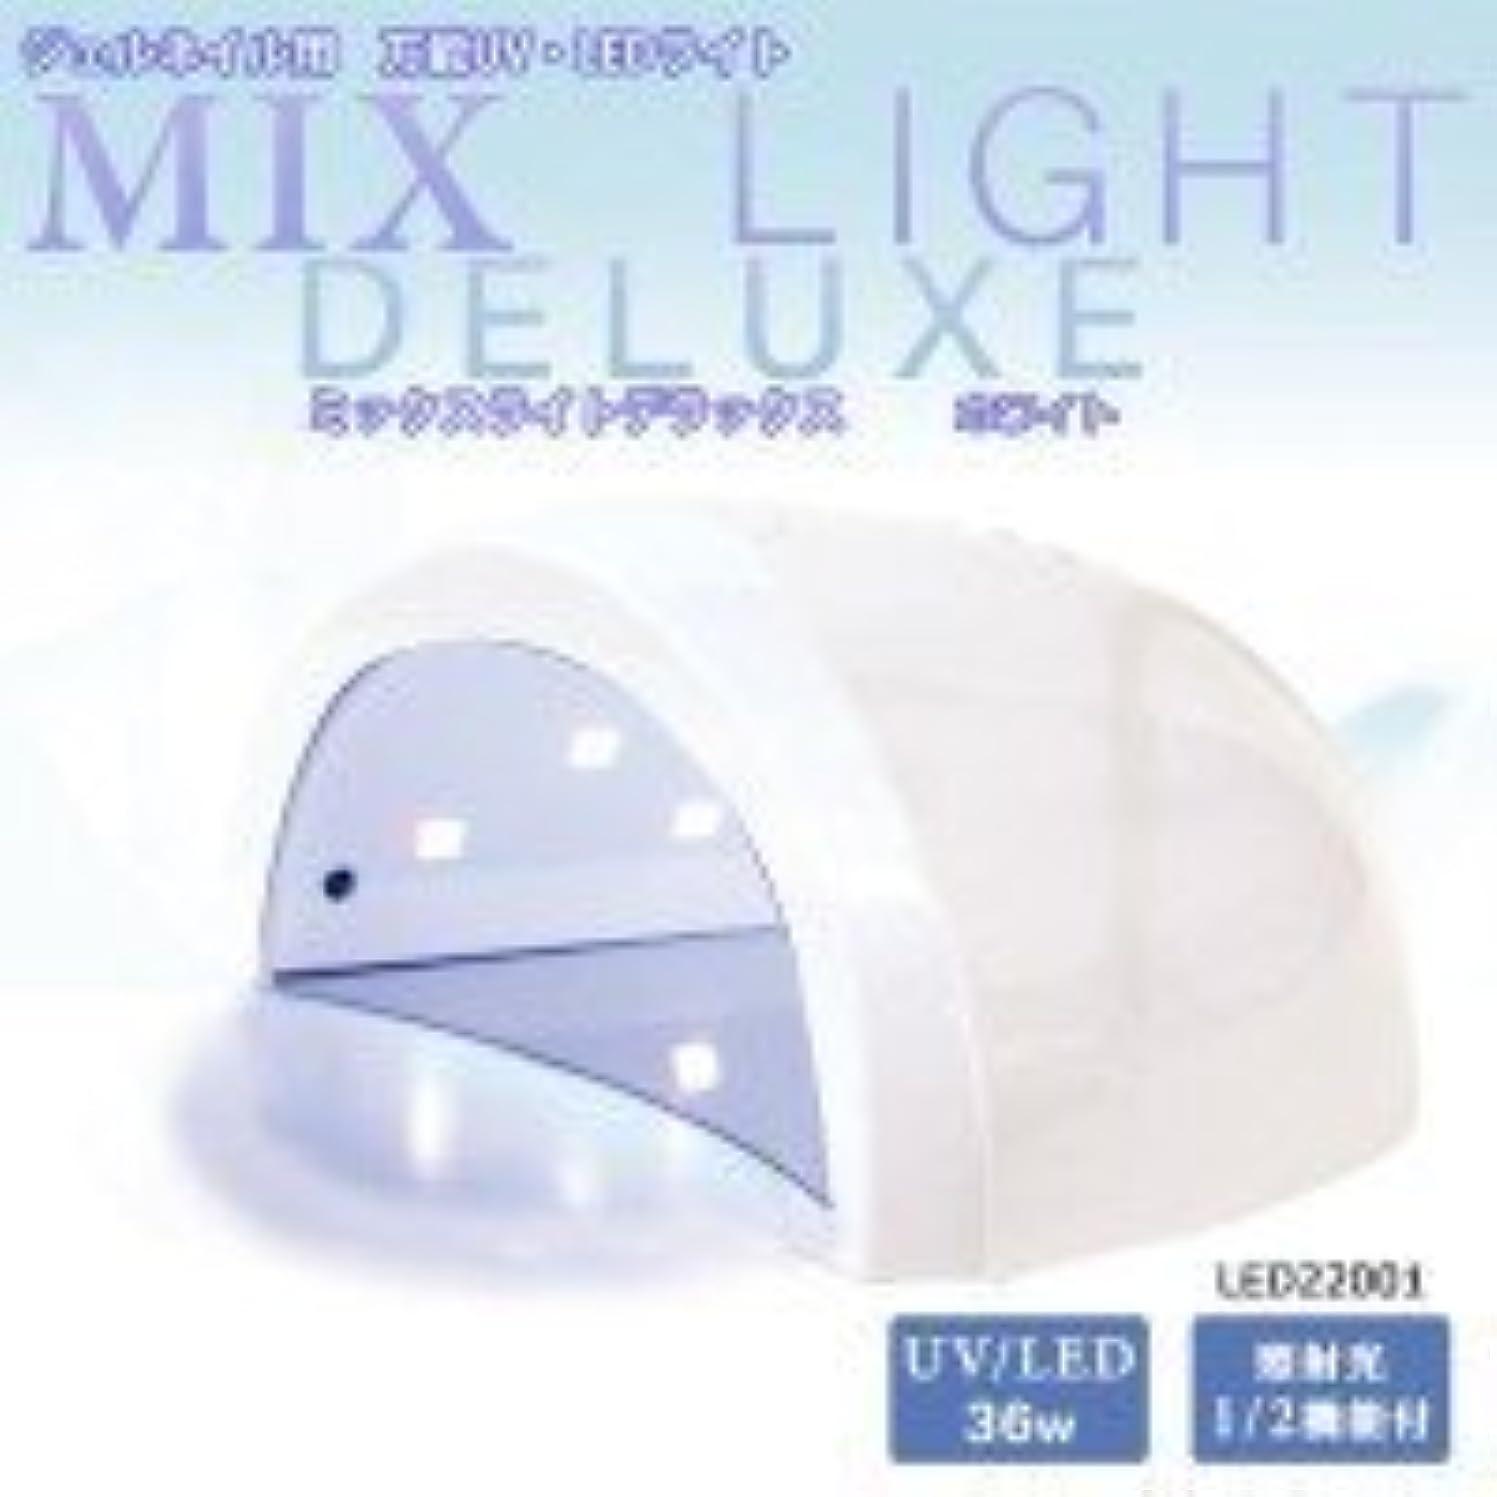 裏切り起点割り当てますビューティーワールド ジェルネイル用 万能UV?LEDライト MIX LIGHT DELUXE ミックスライトデラックス  ホワイトLED22001